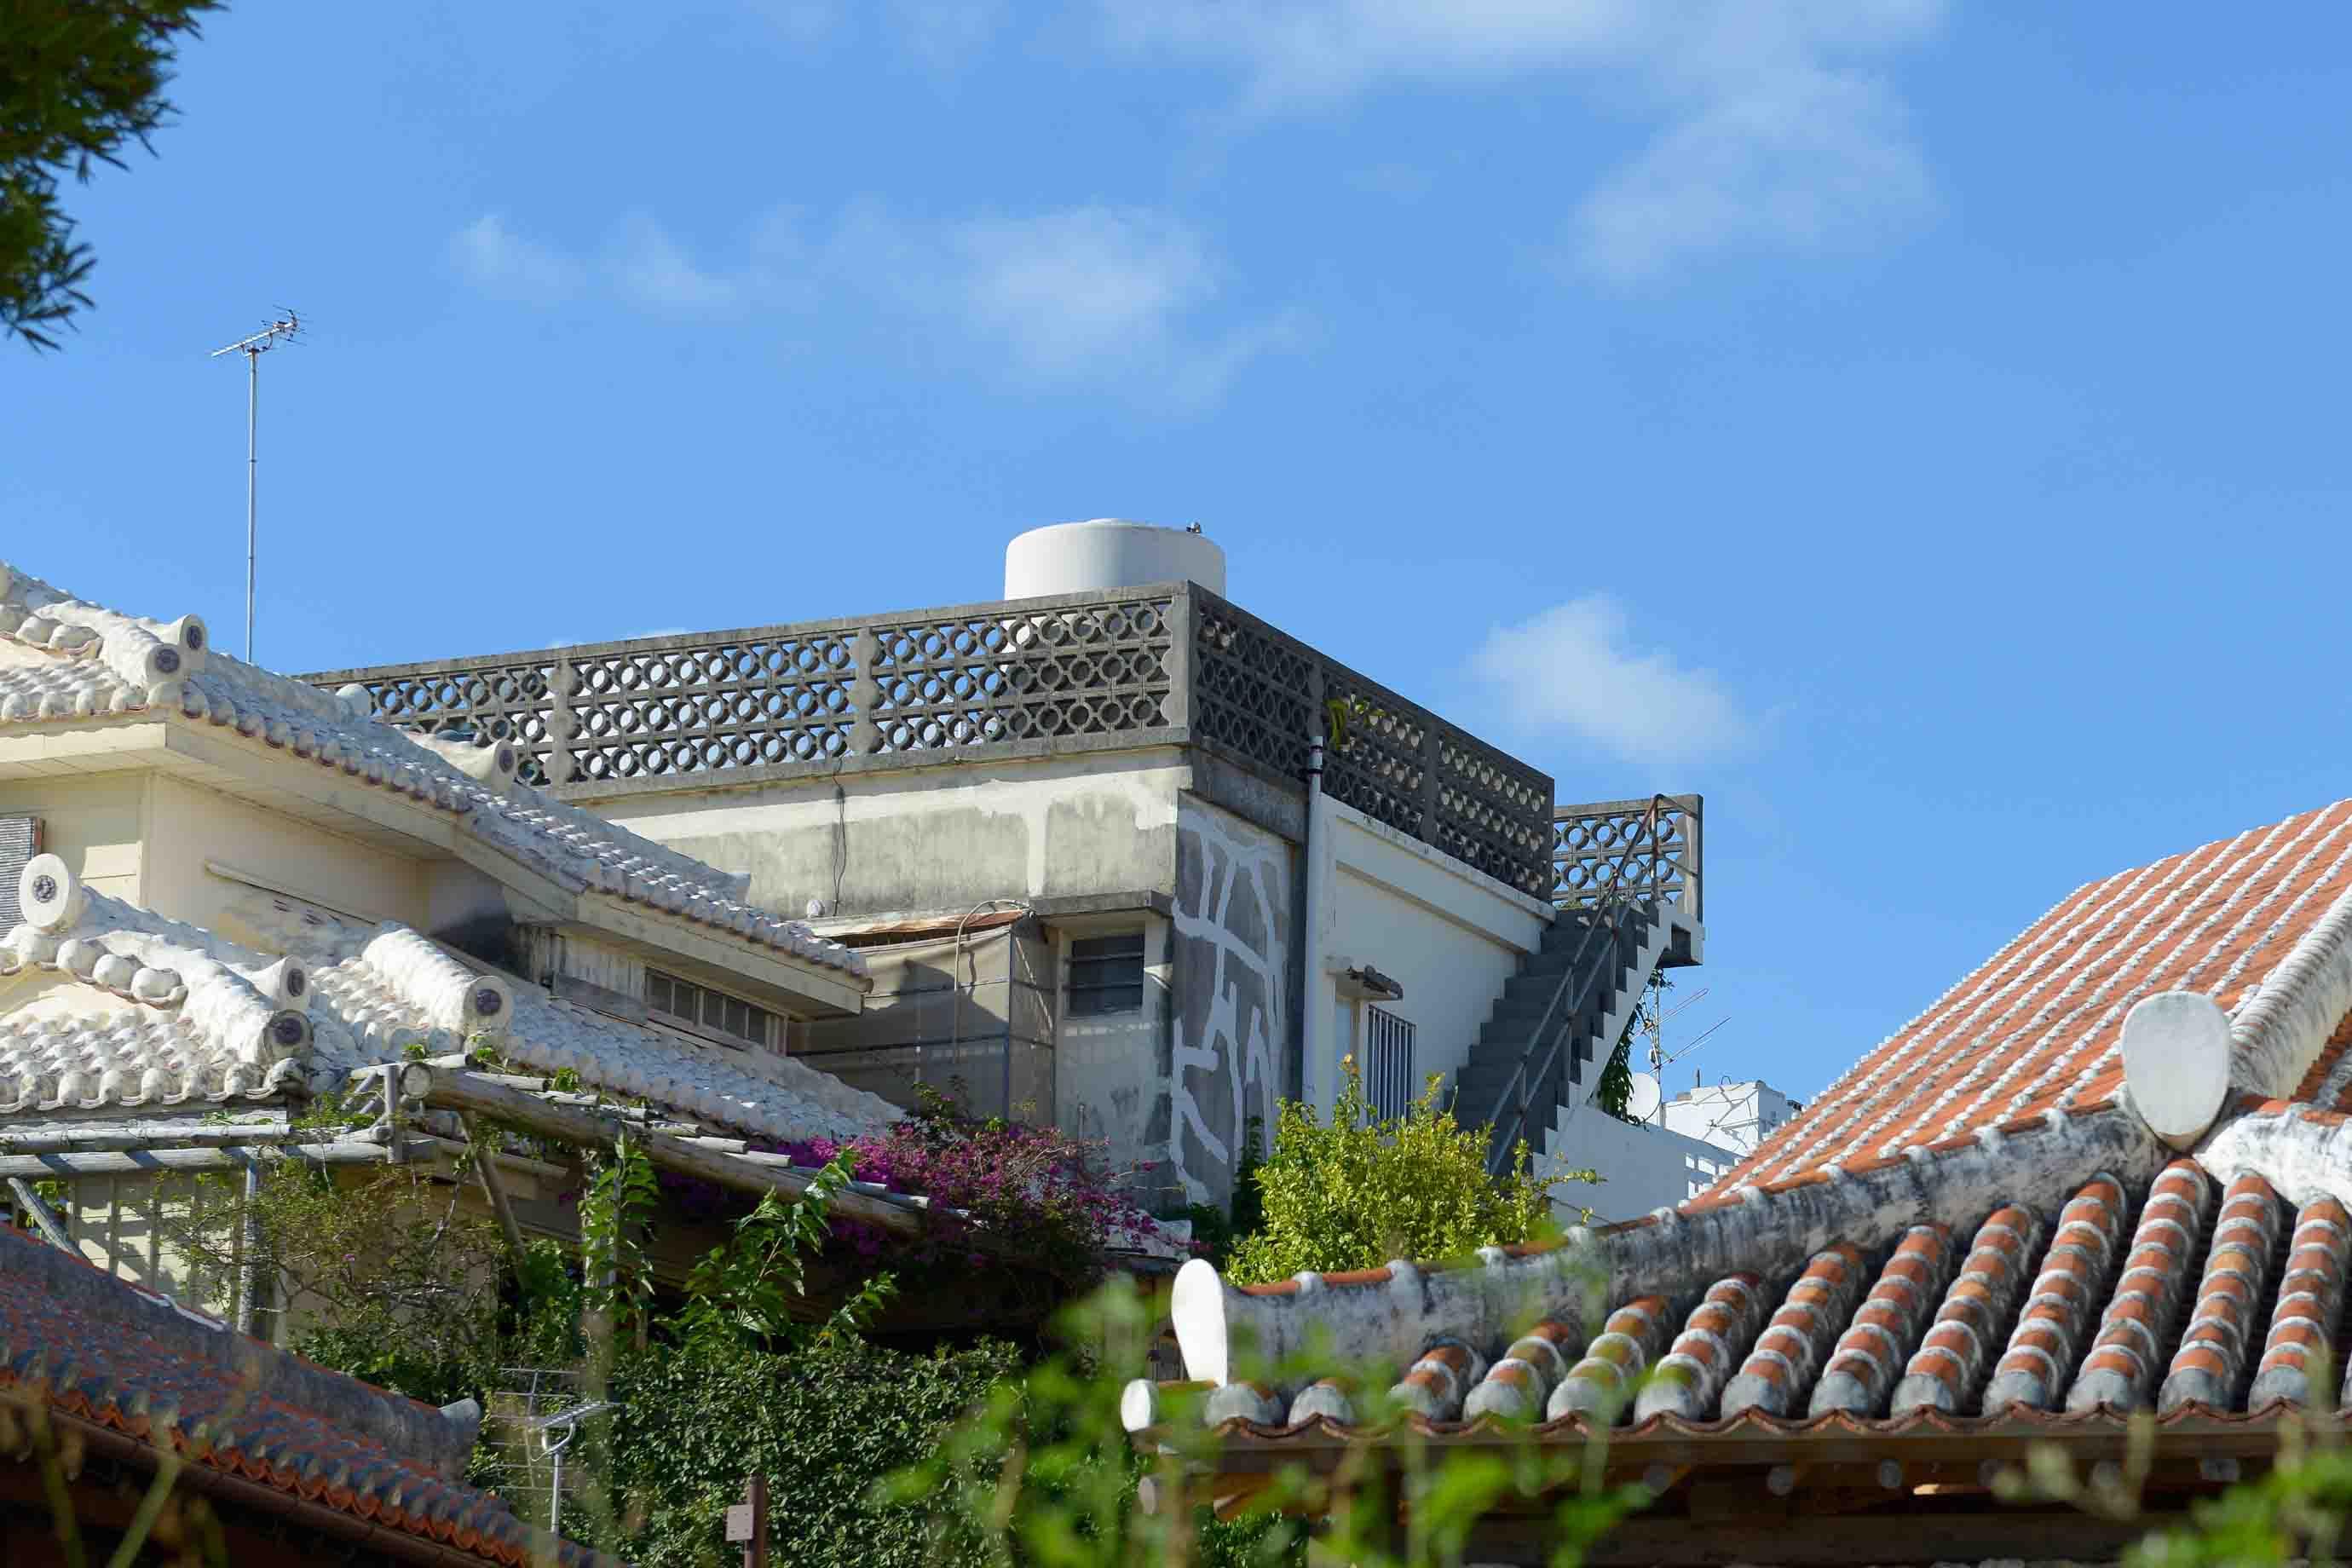 バルコニーや屋上などの柵として使われることも